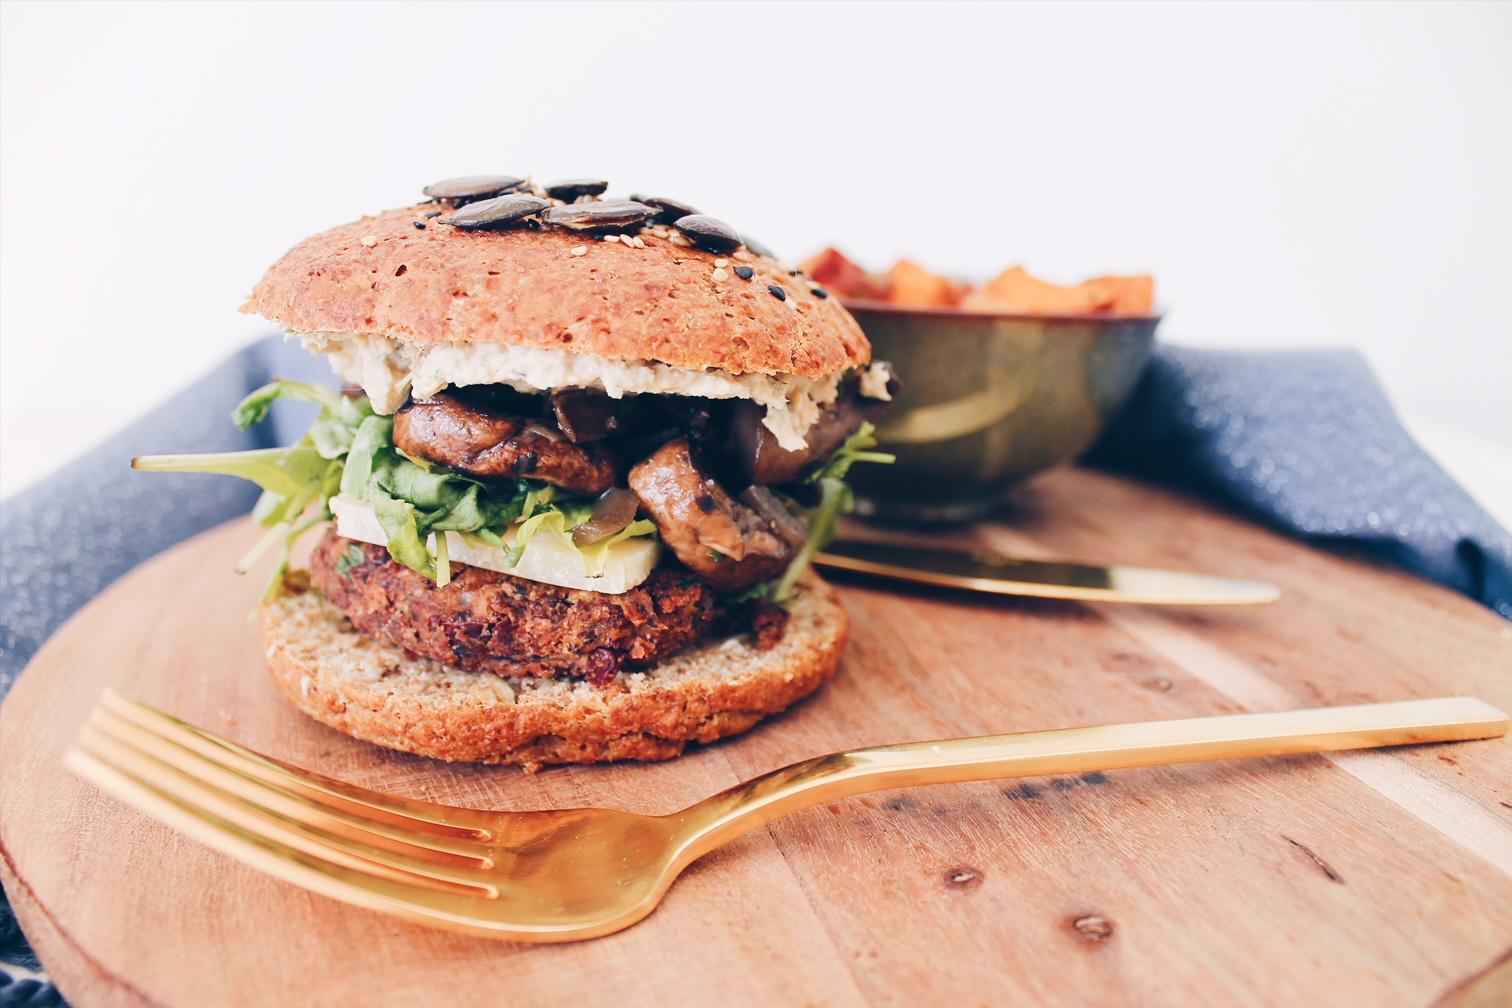 Une recette de burger végétarien avec un steak à base de haricots rouges et de champignons sur le blog laualamenthe.com